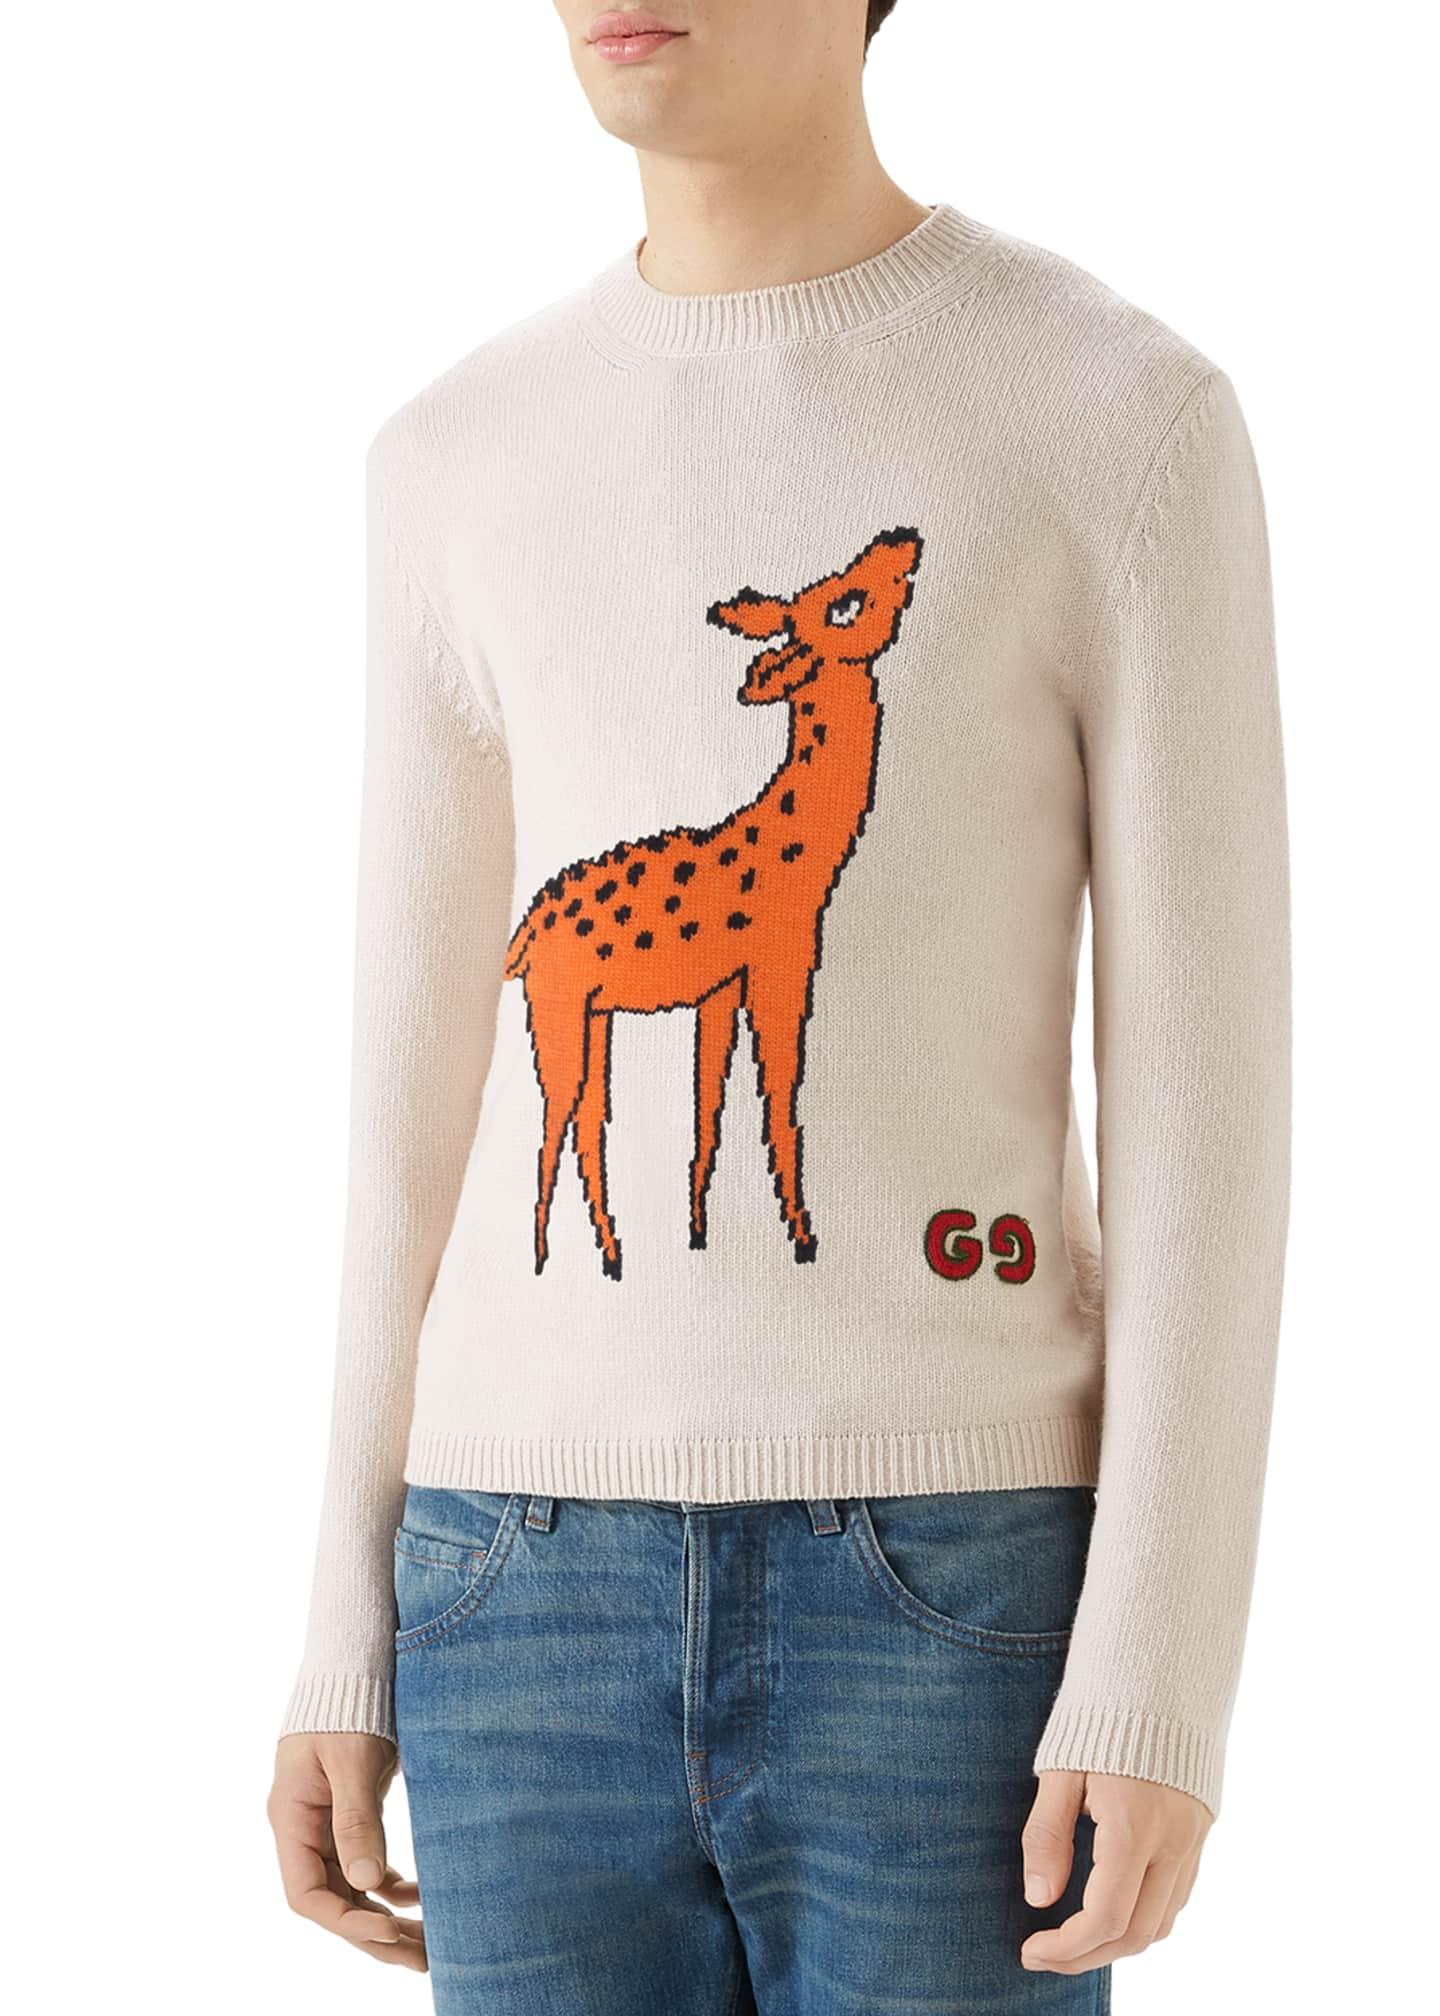 Gucci Men's Deer Graphic Crewneck Sweater